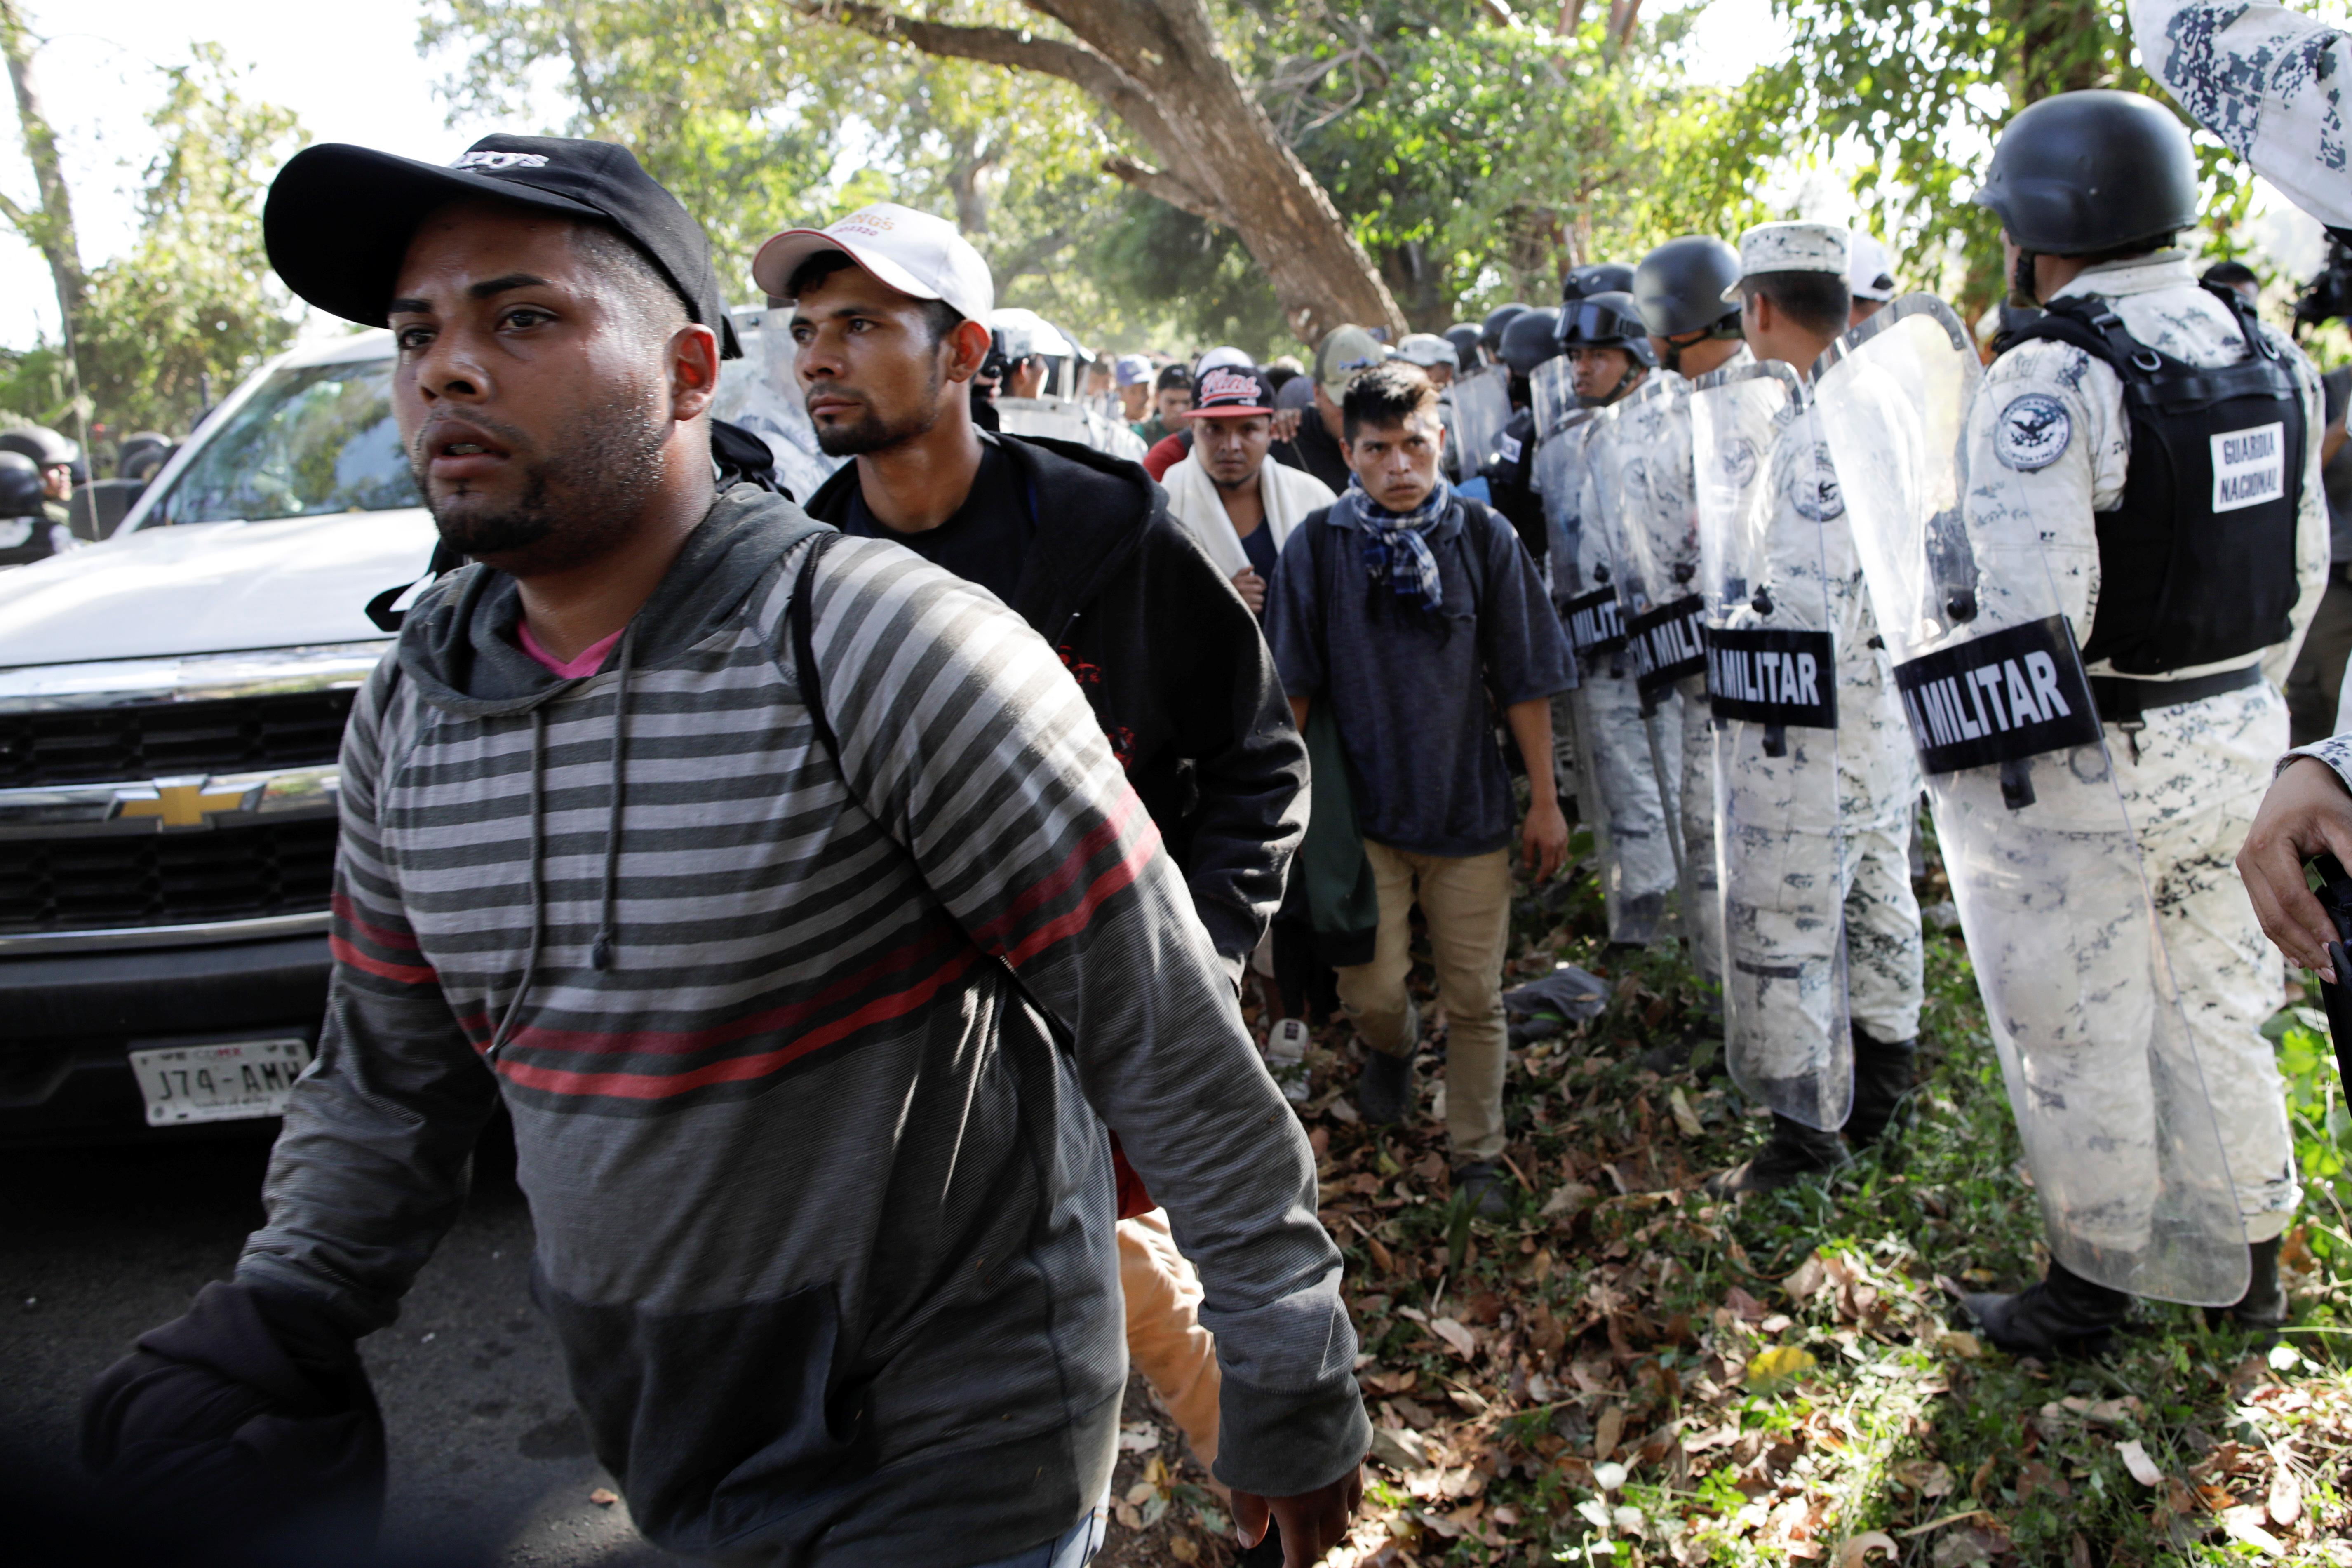 Elementos de la Guardia Nacional vigilan a los migrantes mientras se dirigen a los autobuses para ser deportados (Foto: Andrés Martínez Casares/Reuters)